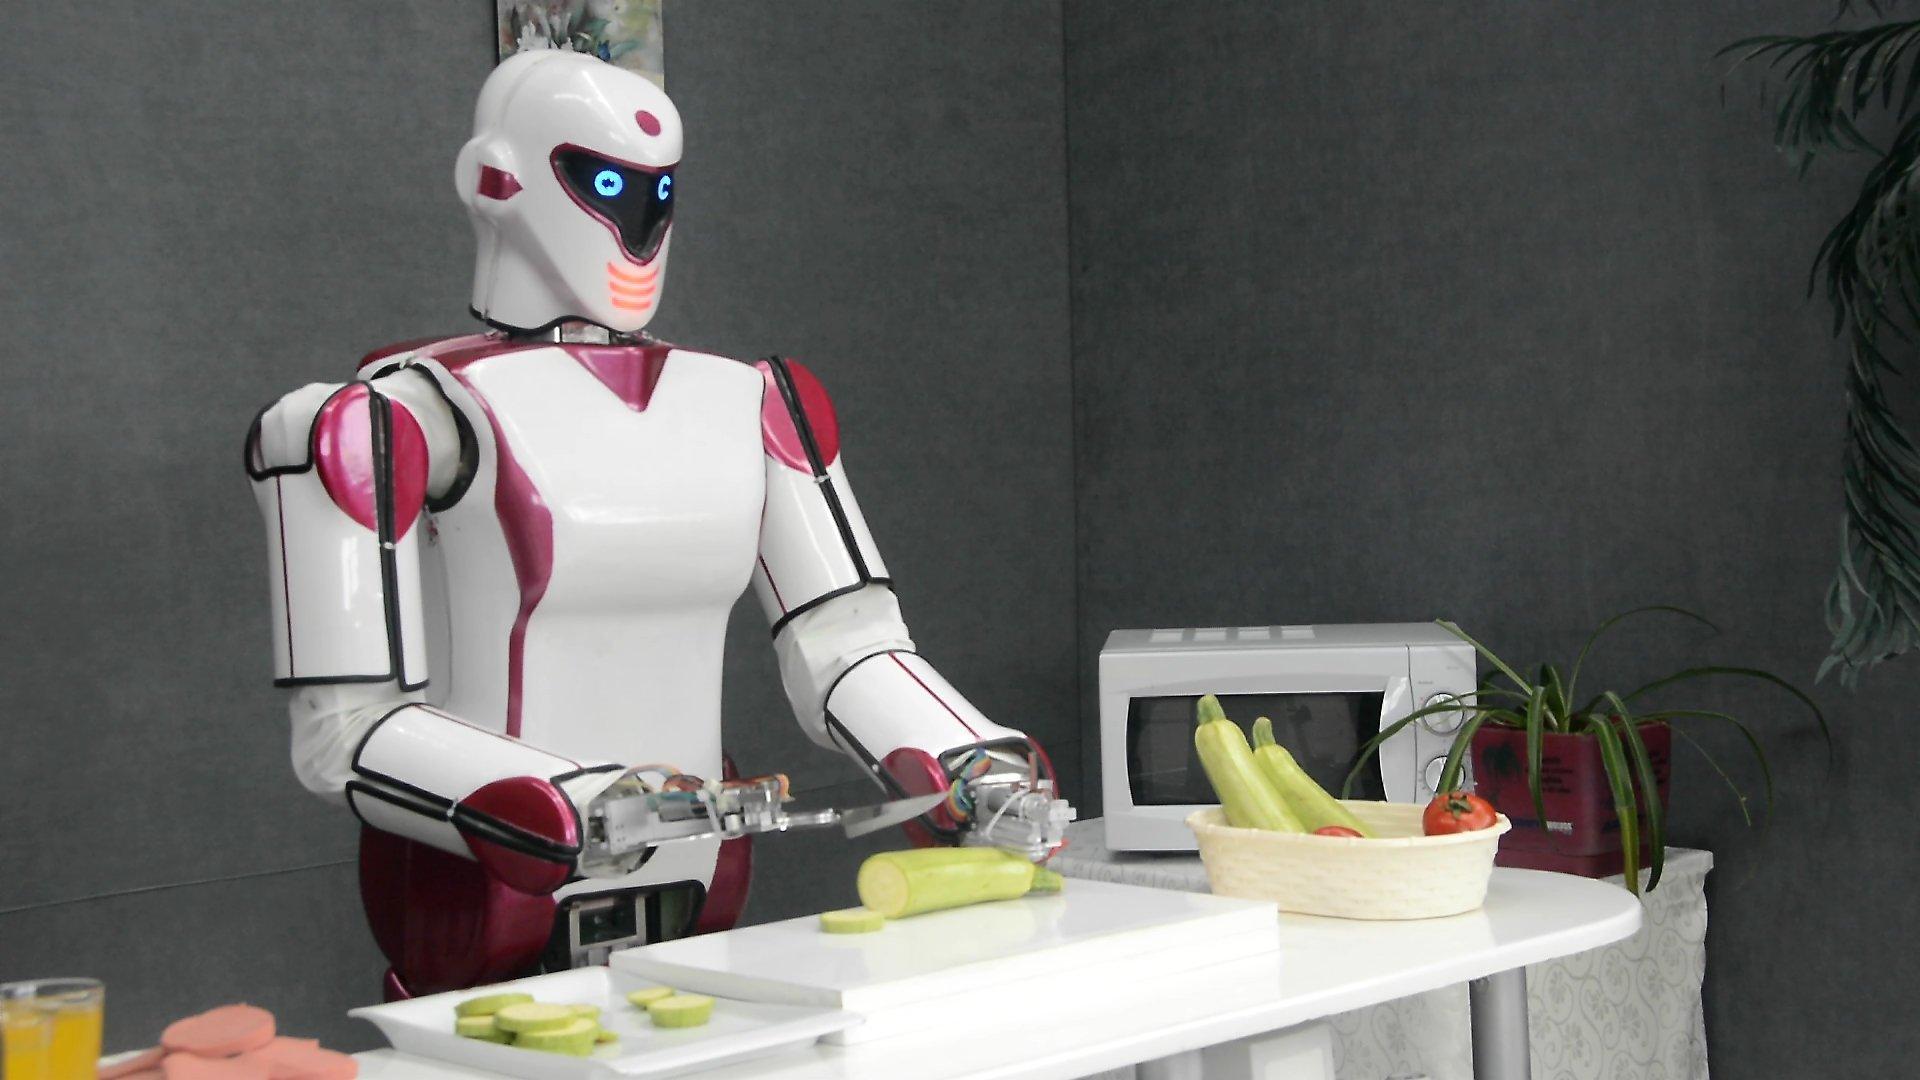 ROBOT TEKNOLOJİSİ KİMLERİ İŞSİZ BIRACAK?